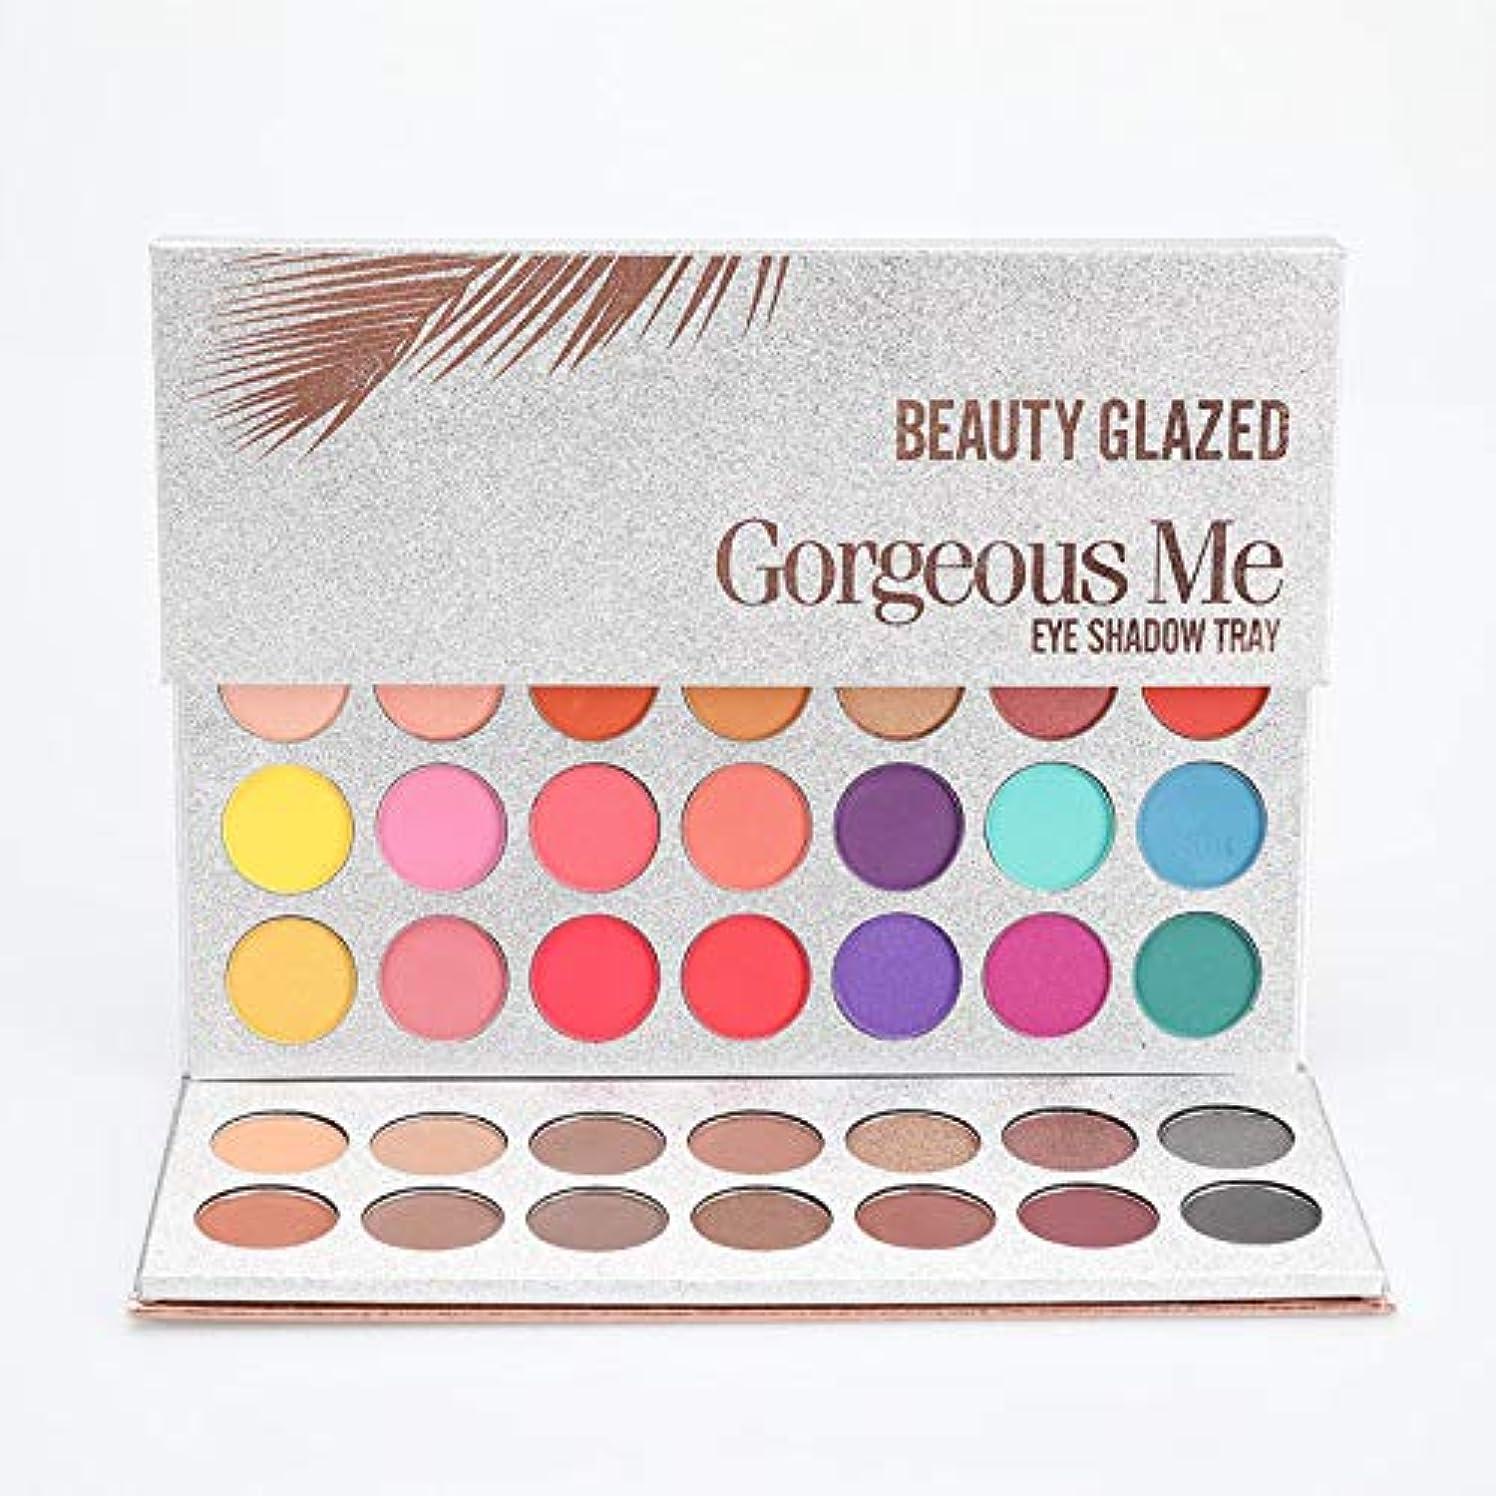 画家法王旅63 Color eyeshadow pallete Glitter Makeup Matte Eye shadow make up palette maquillage paleta de sombra 63色のアイシャドーパレエキラキラメイクアップマットアイシャドウメイクアップパレットマキアージュパレタデムブラブ